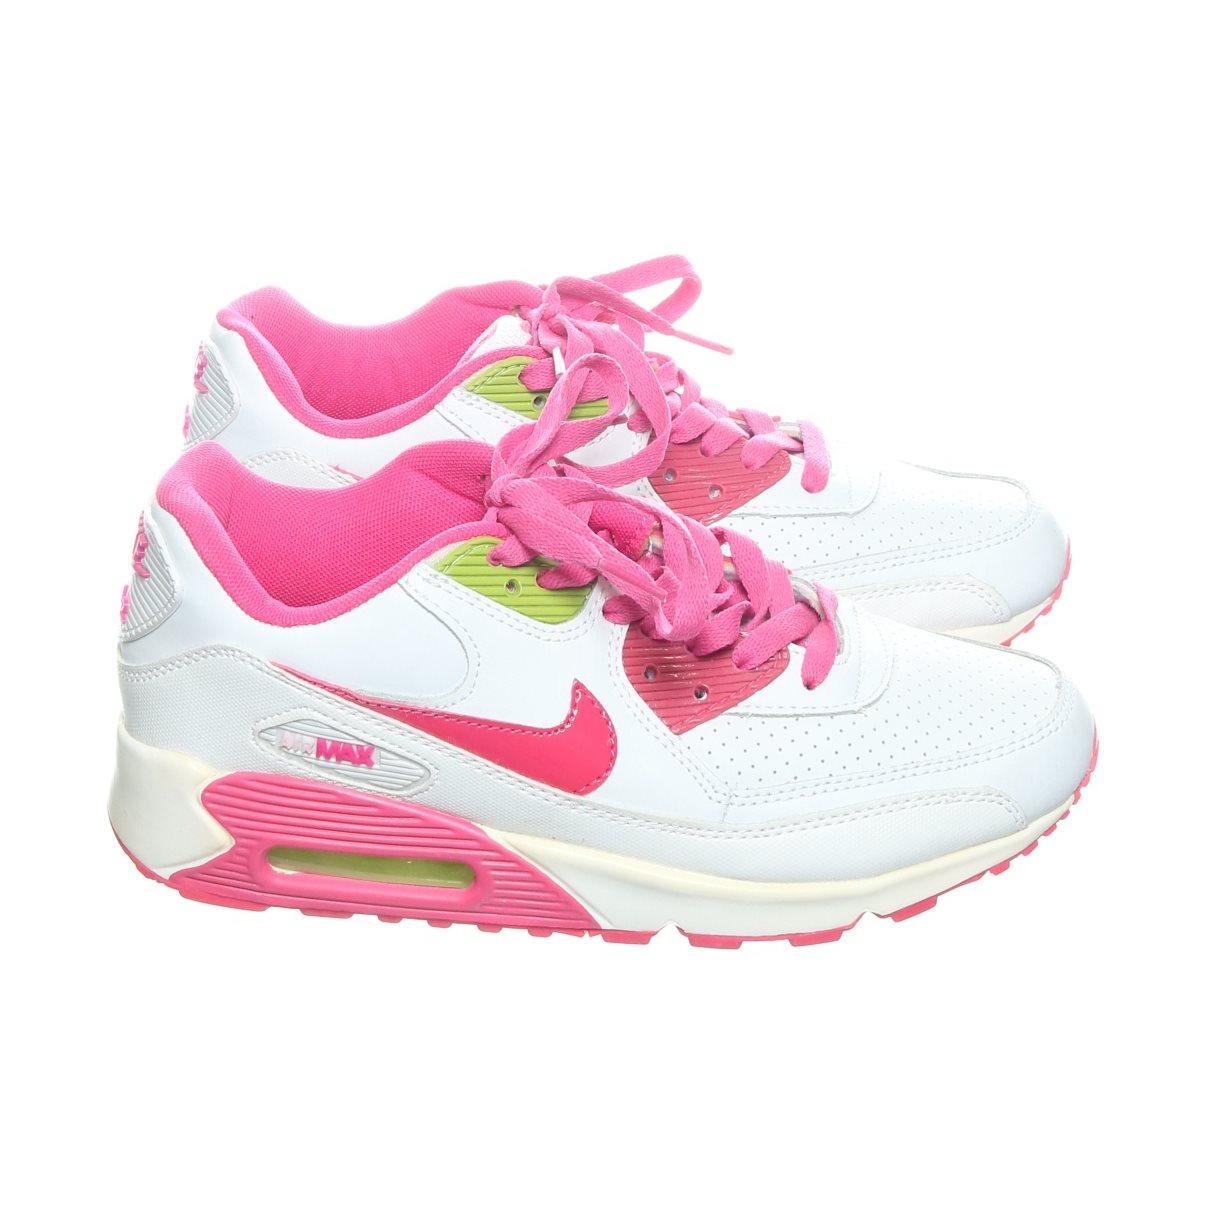 wholesale dealer 02481 306c2 Nike, Sneakers, Strl  40, Air max, Vit Rosa